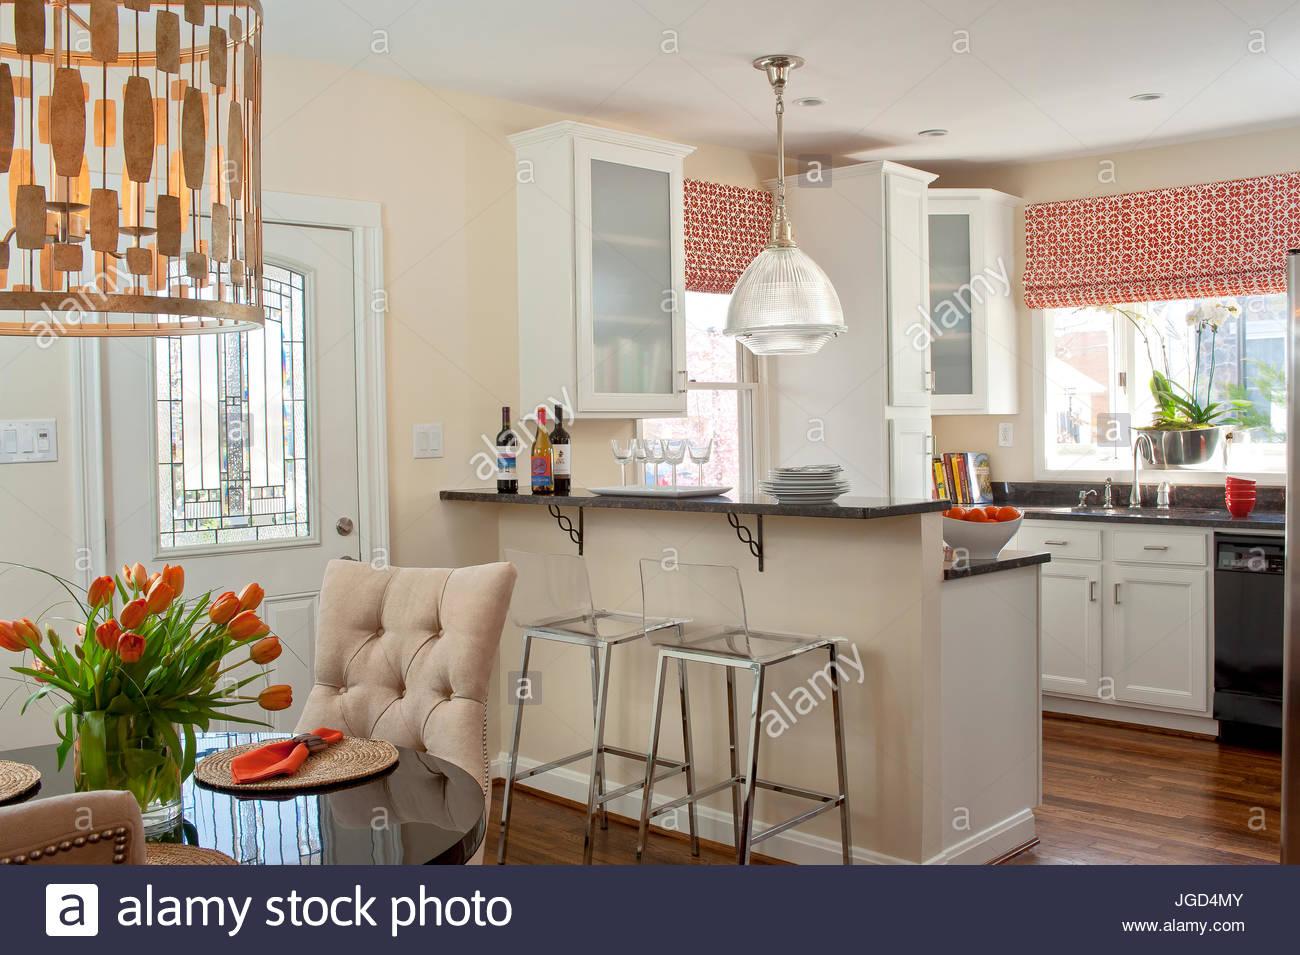 Küche offen zum Esszimmer, neutrale Töne mit roten Akzenten, moderne ...